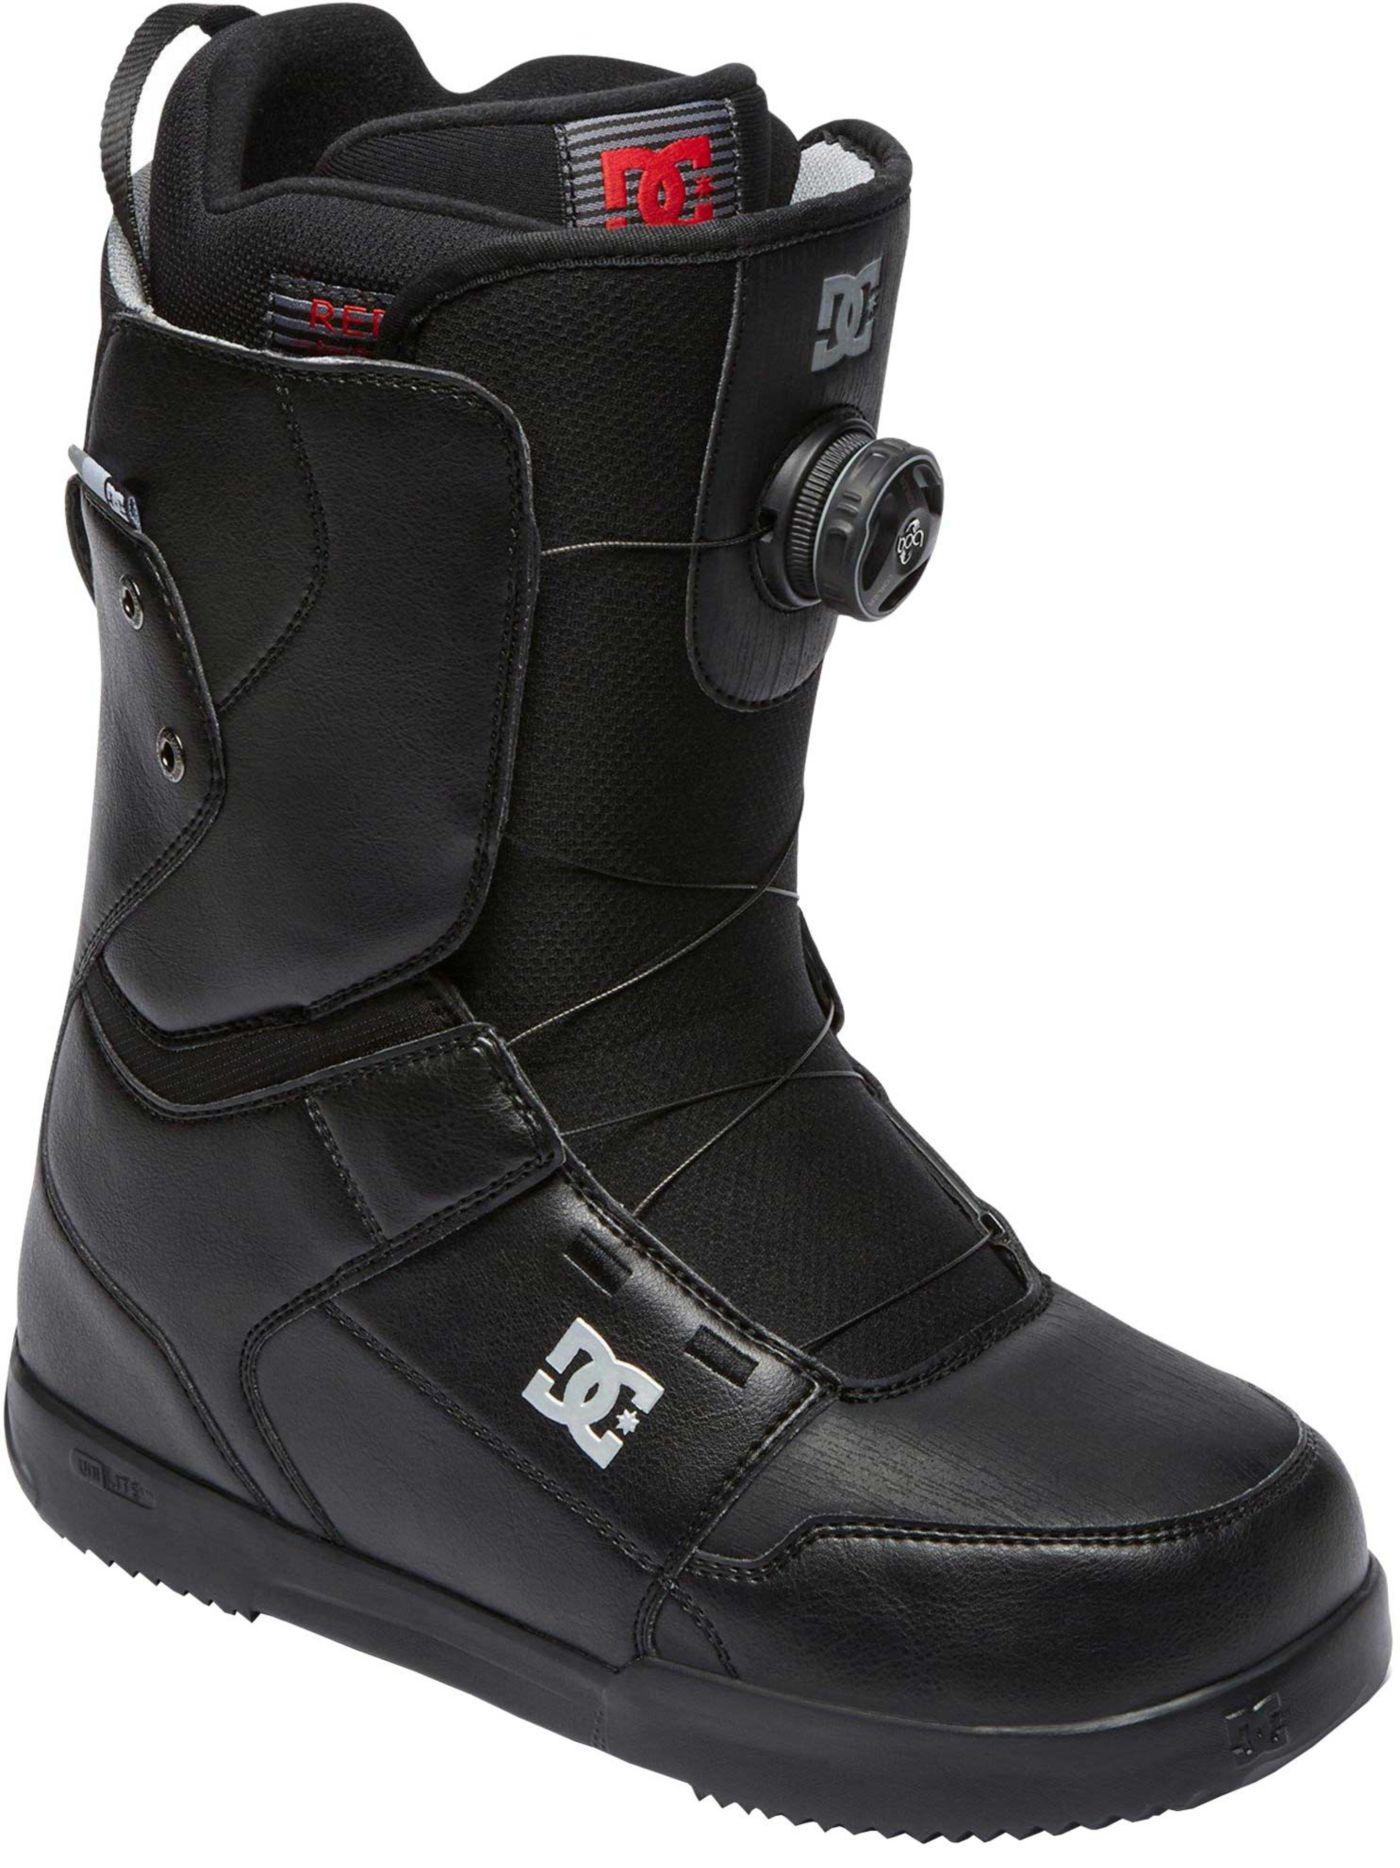 DC Shoes Men's Scout BOA 2018-2019 Snowboard Boots